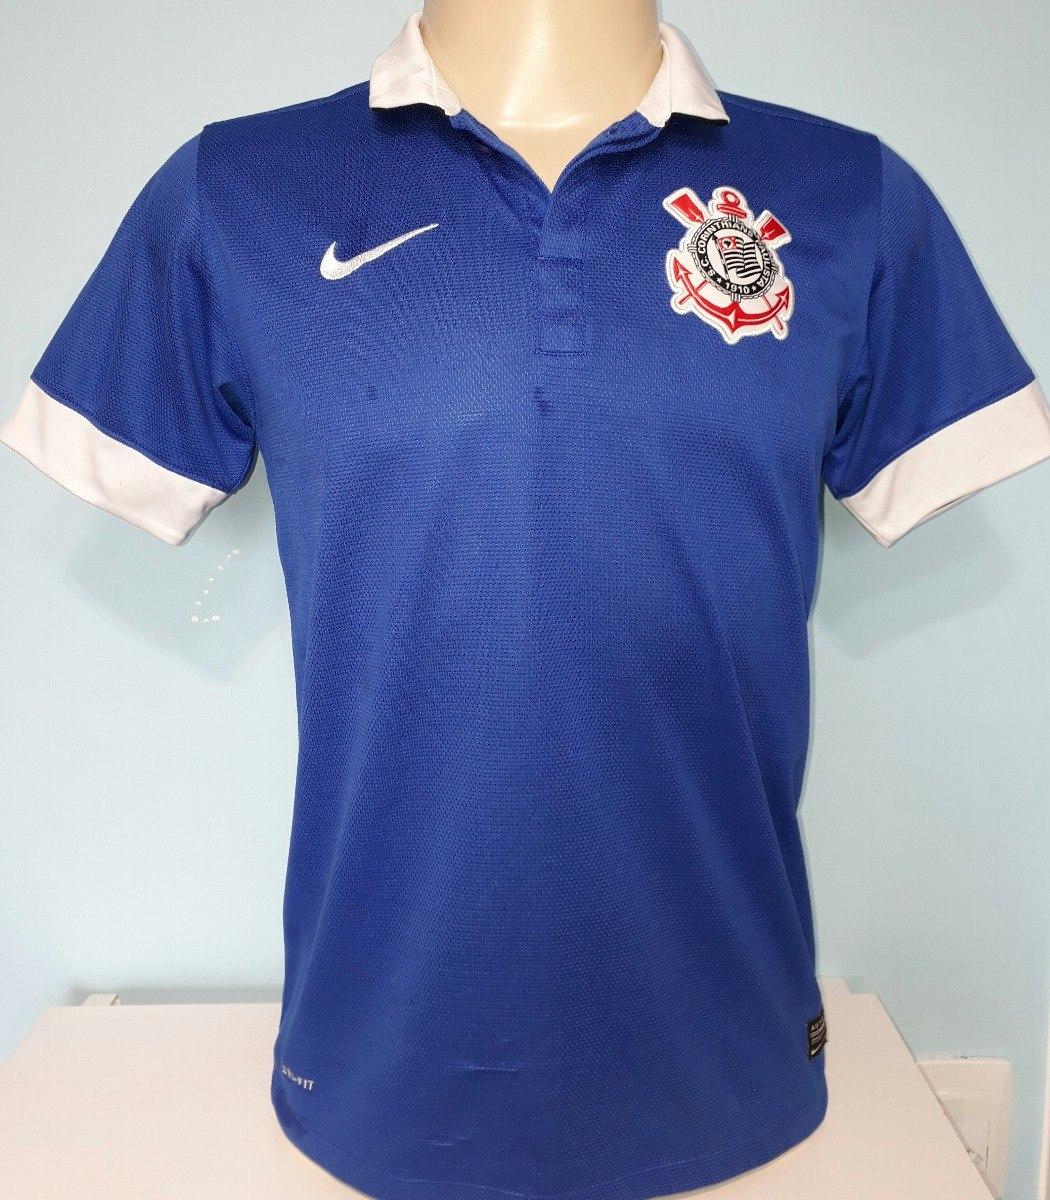 camiseta azul corinthians nike original 2013   2014 - 58. Carregando zoom. 81bb6d5b6a1f3